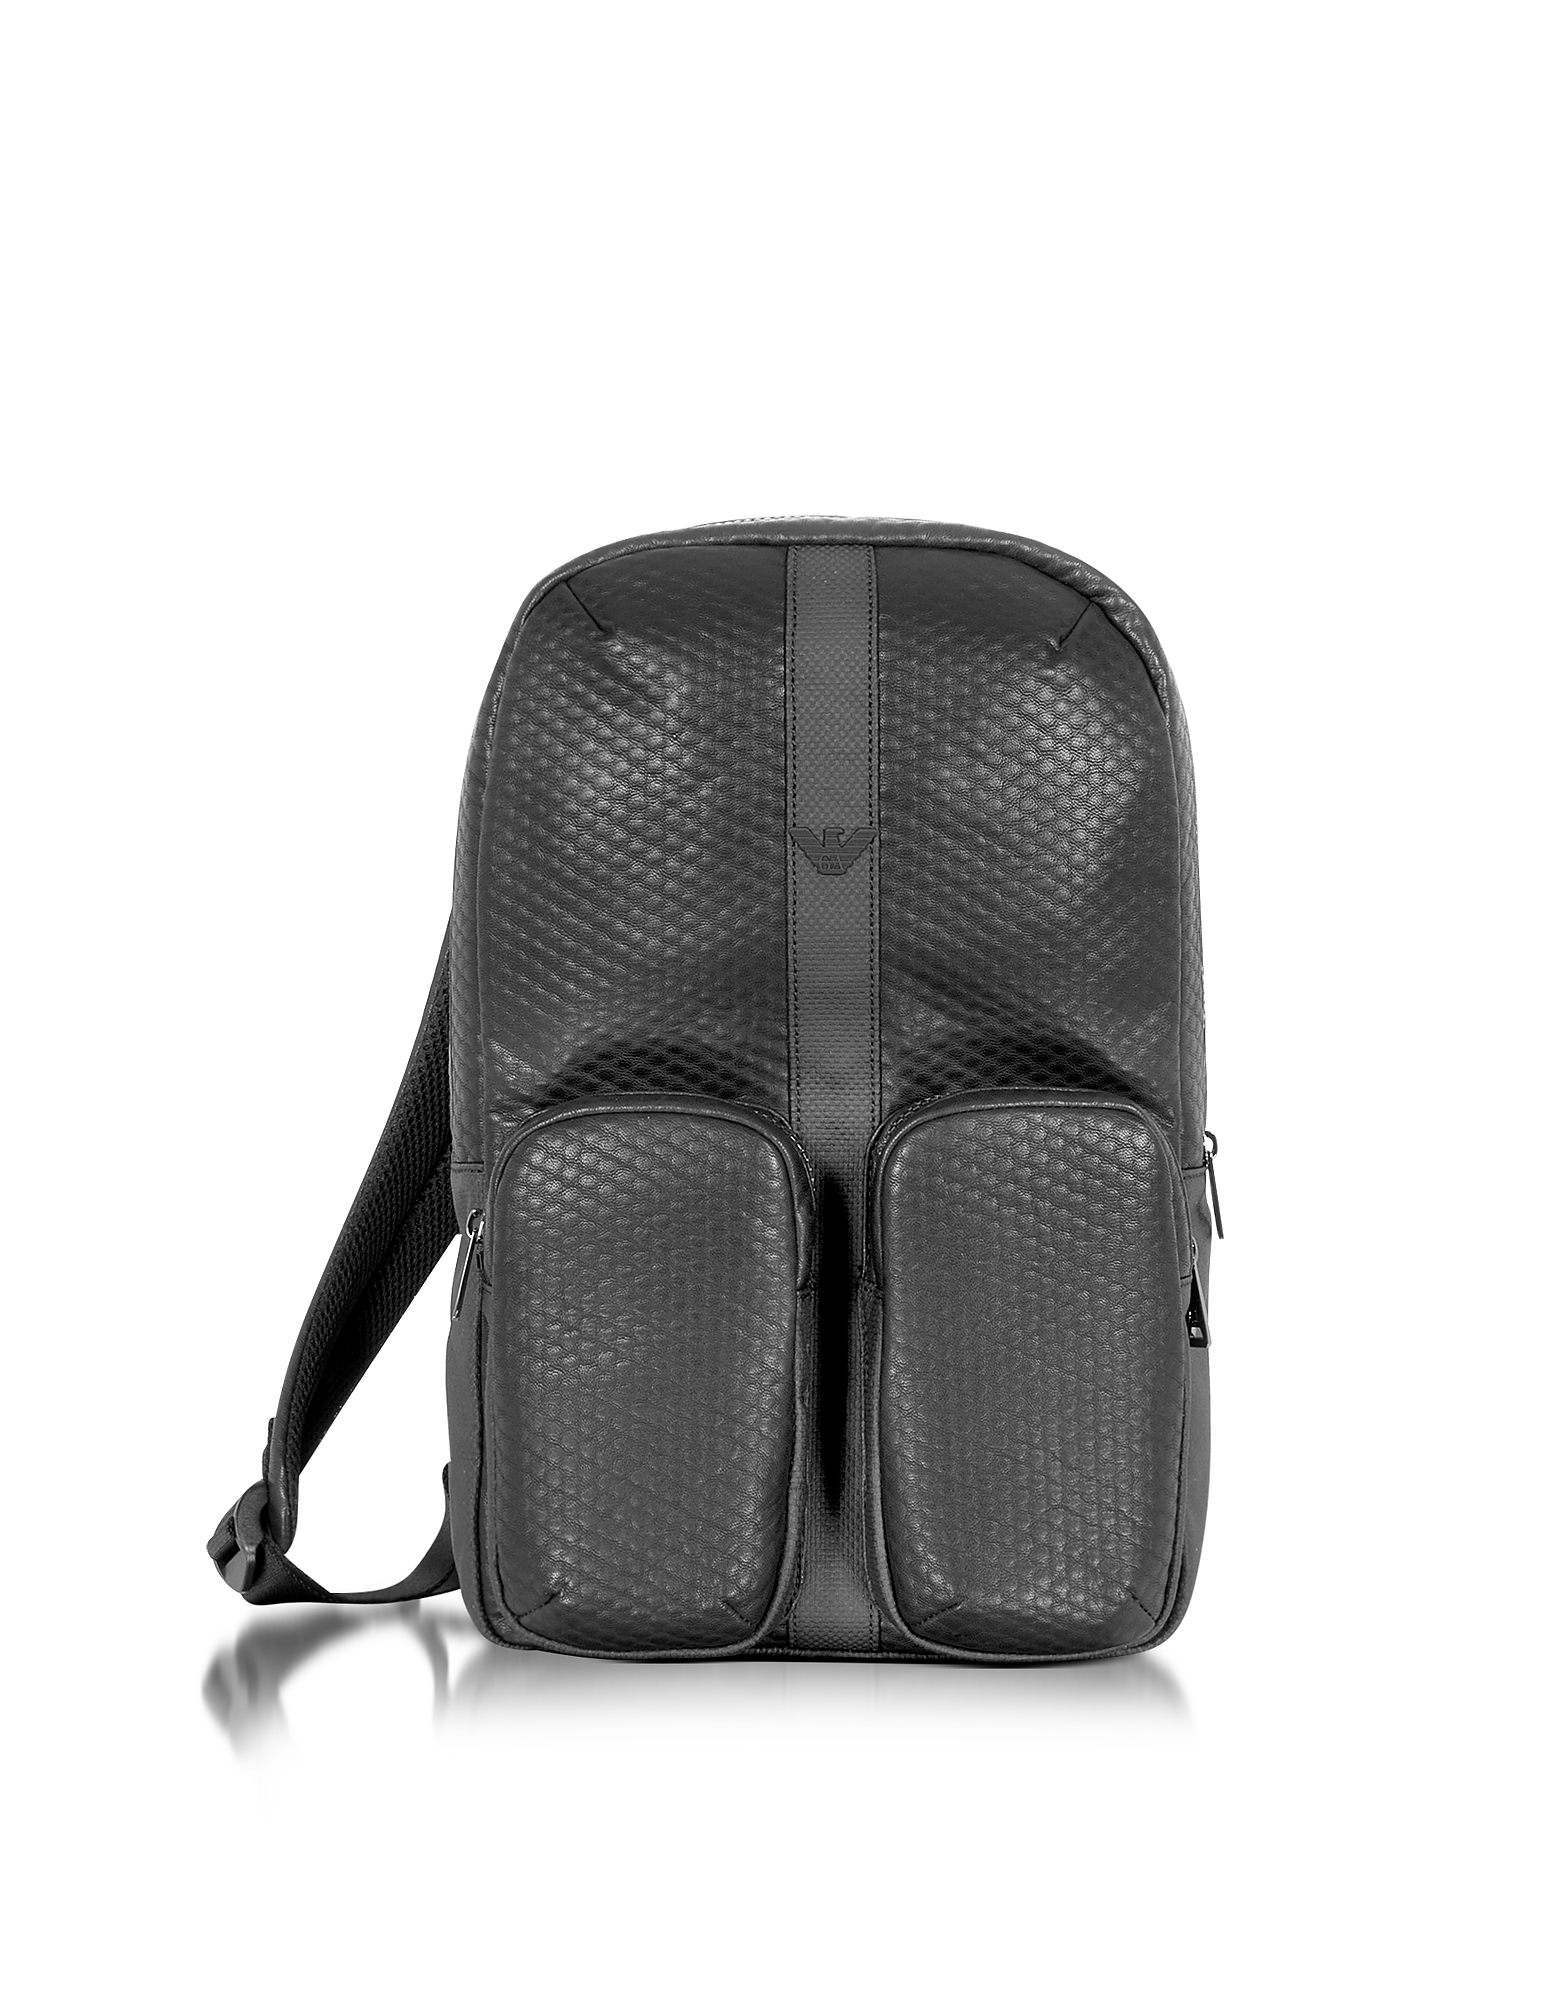 Черный Рюкзак из Эко Кожи с Принтом под Углеродное Волокно